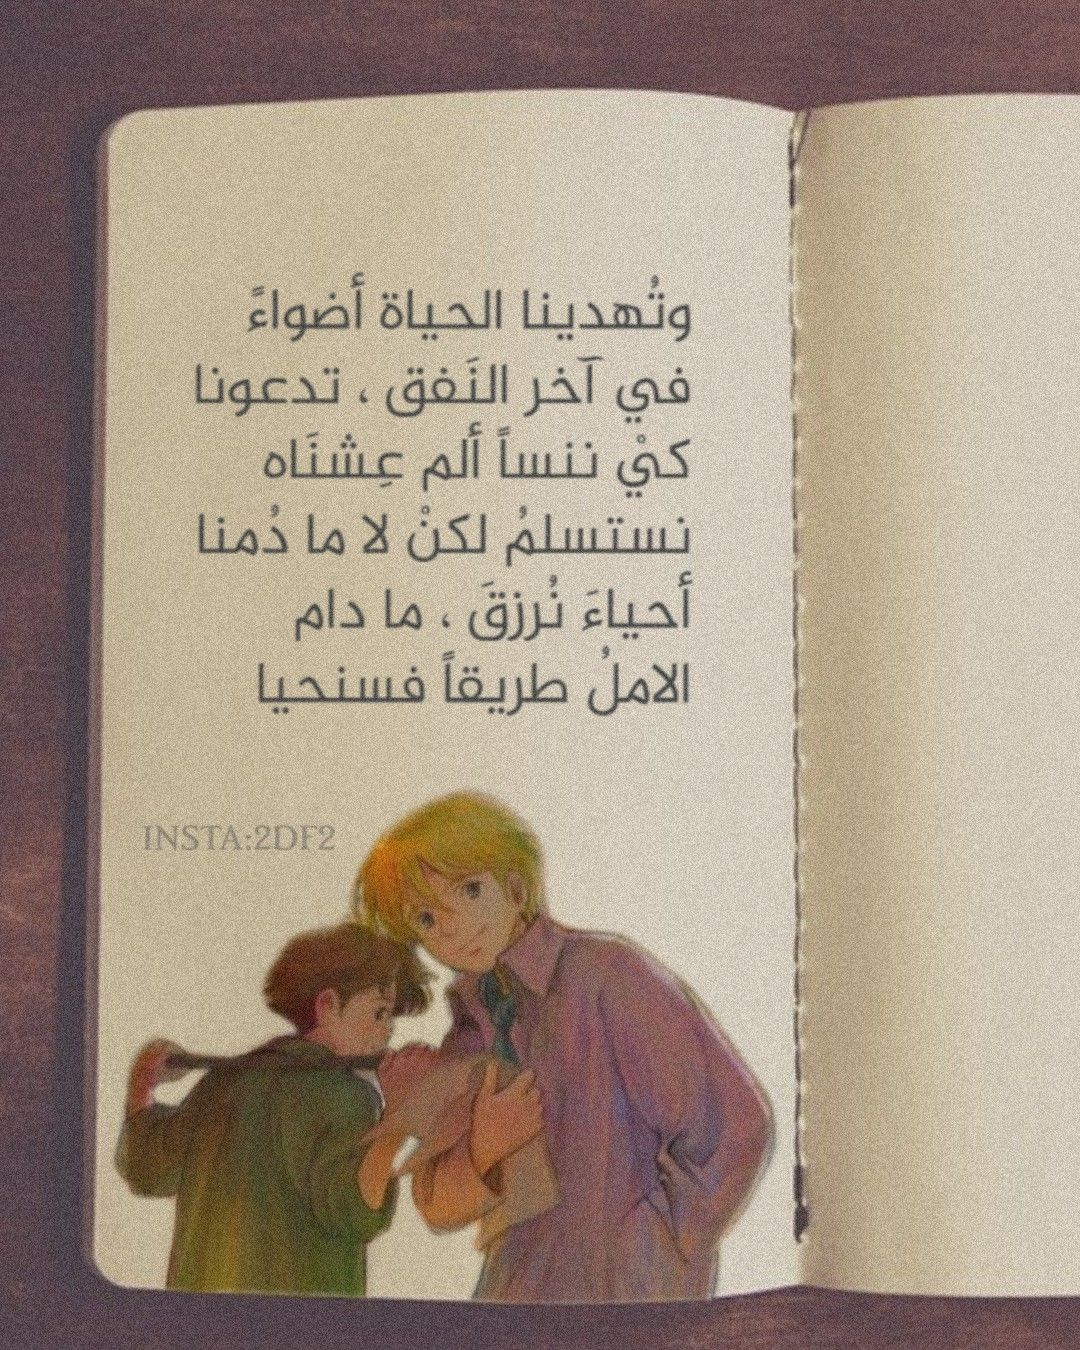 انمي عهد الأصدقاء Anime Romeo No Aoi Sora Cartoon Quotes Love Smile Quotes Funny Arabic Quotes